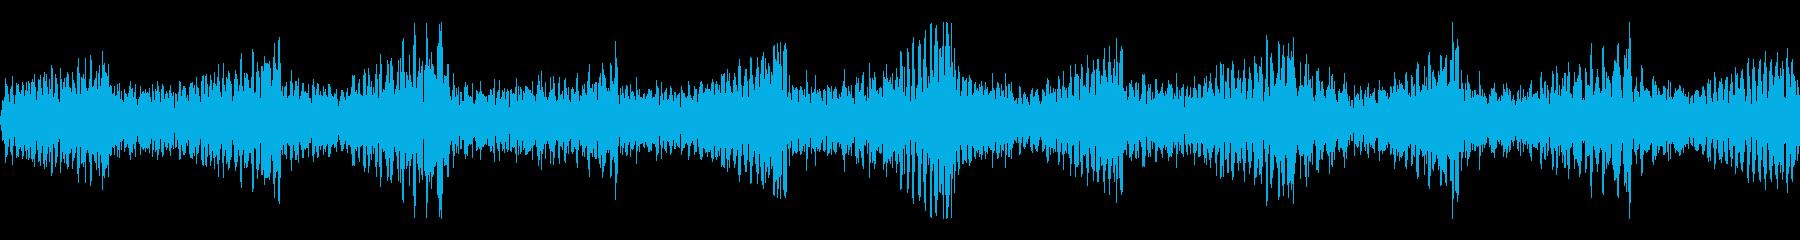 ウィーン(緊急事態発生アラーム音)の再生済みの波形